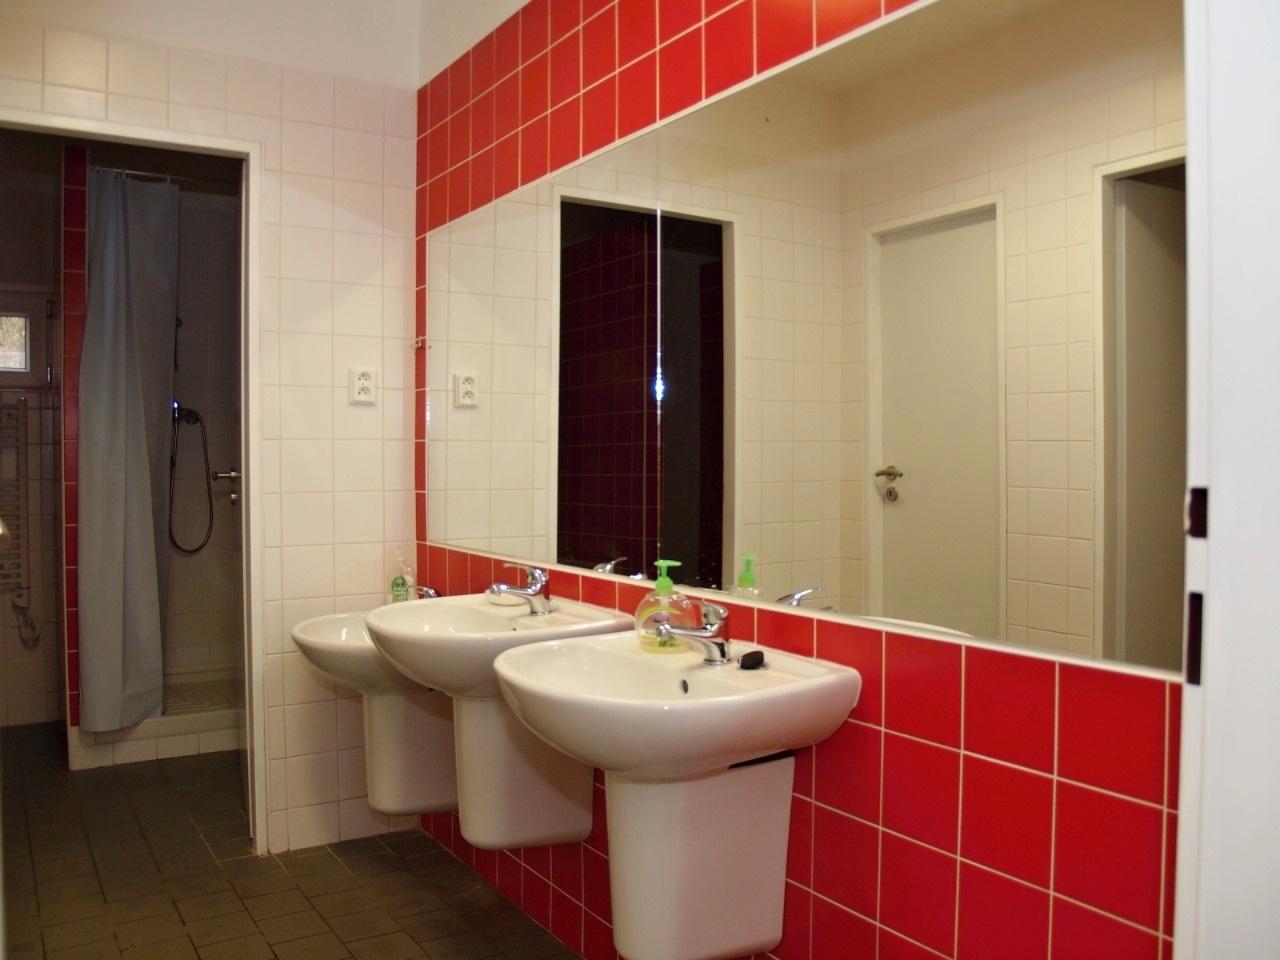 Koupelna a umyvadla (dívky)